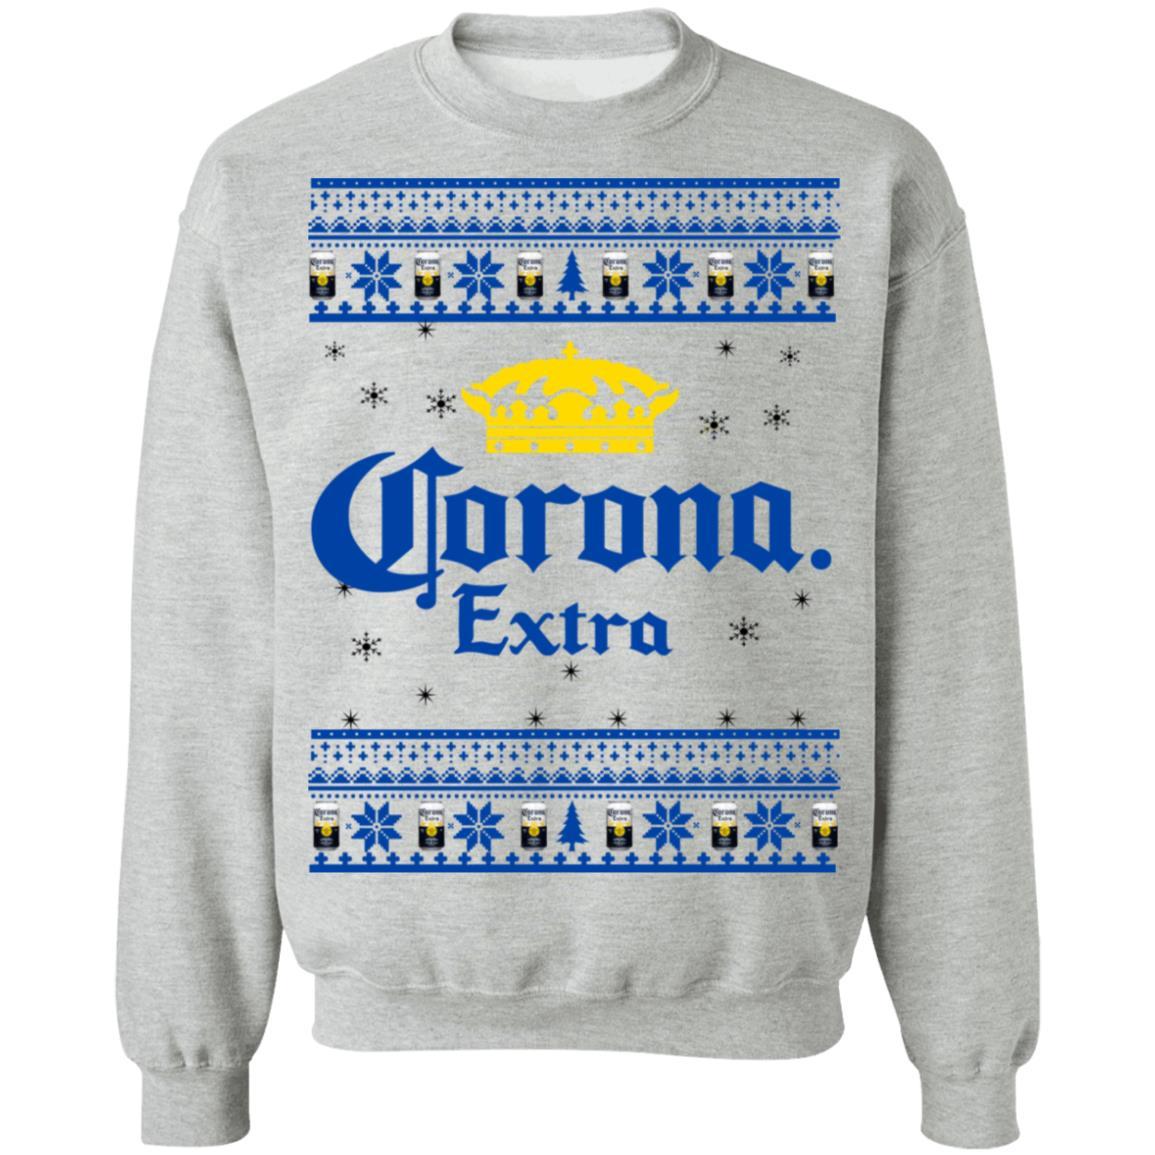 Corona Beer Christmas sweater, hoodie, sweatshirt